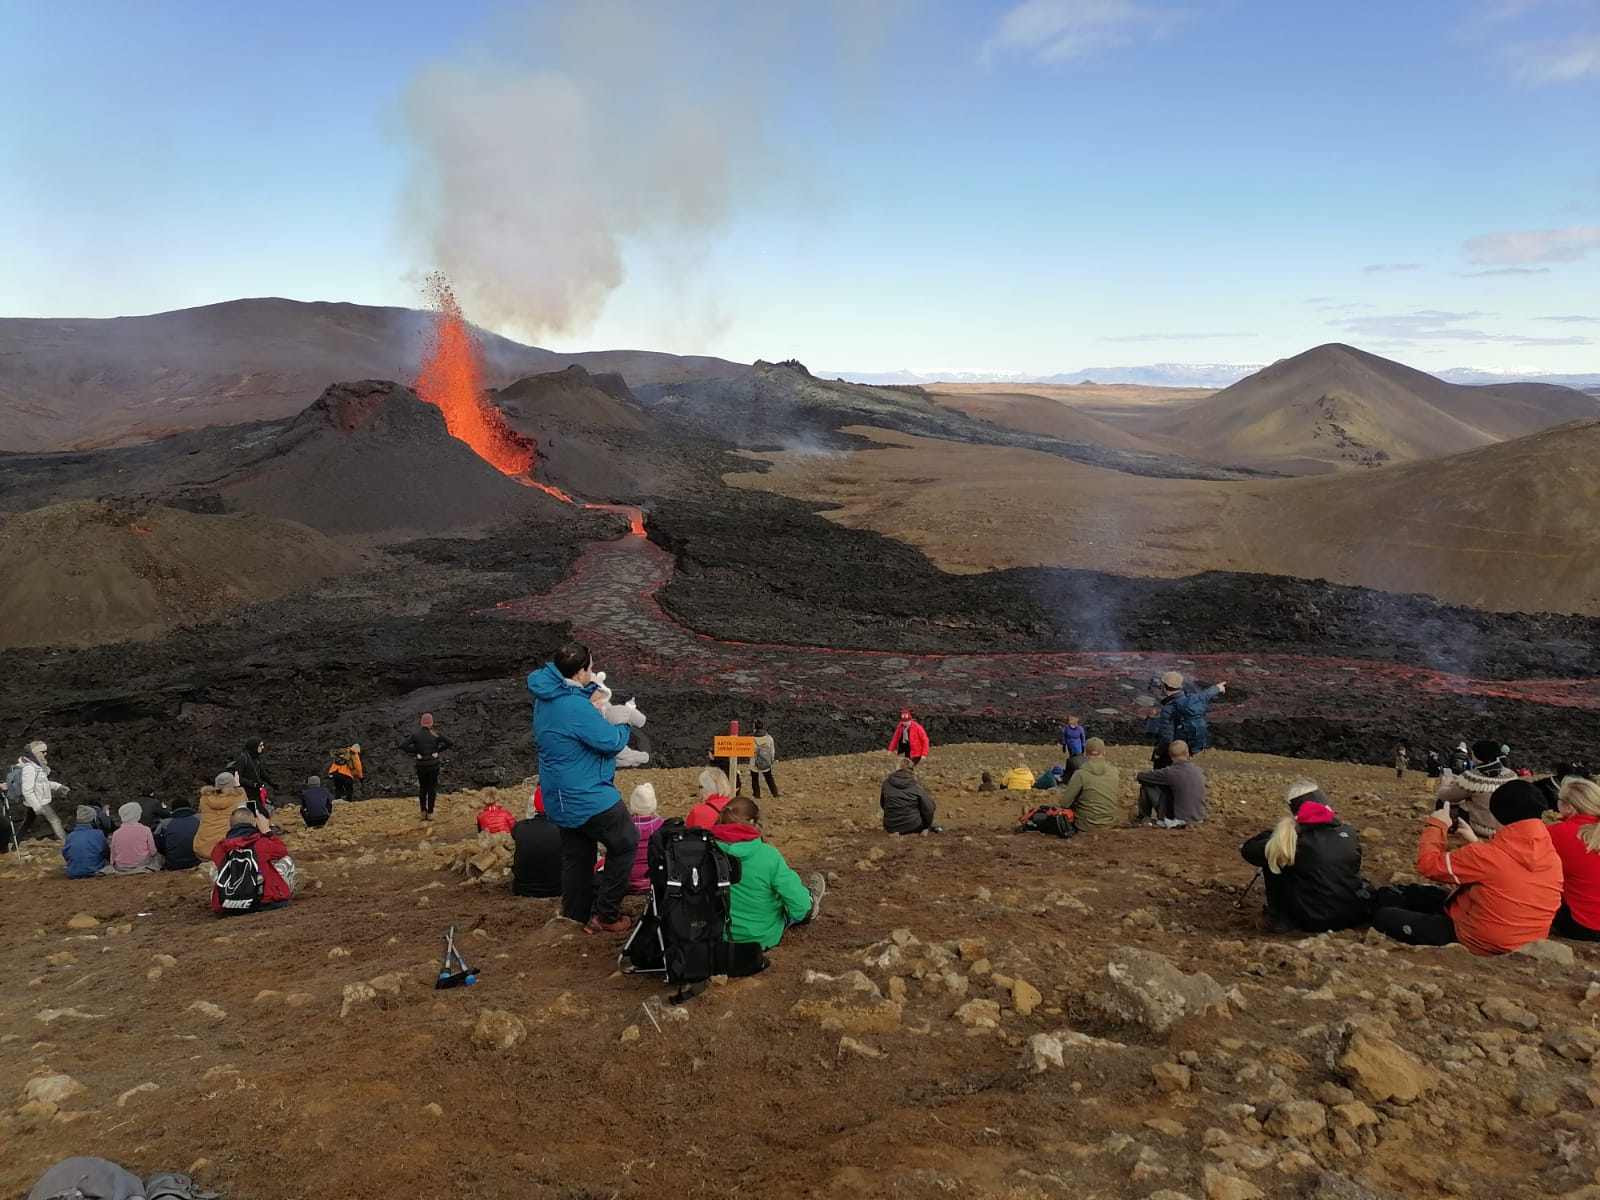 Nedělní výlet na sopku, Island 2. 5. 2021